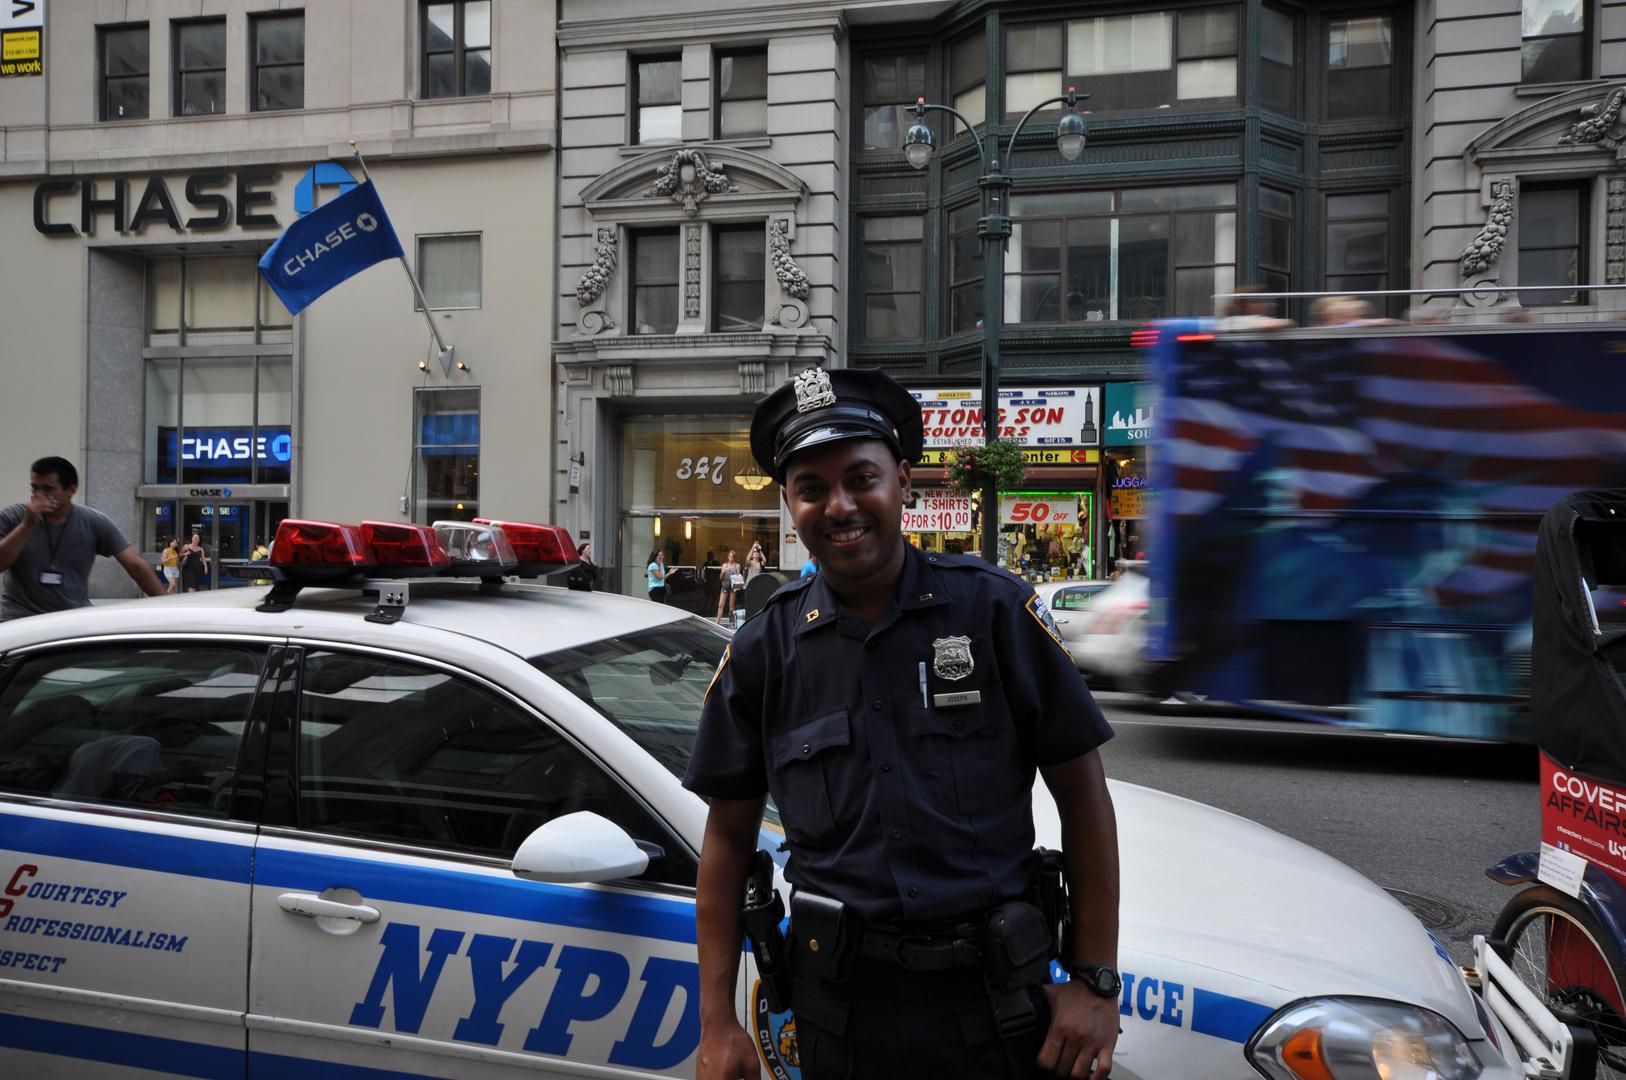 NYPD - Dein freundlicher Helfer